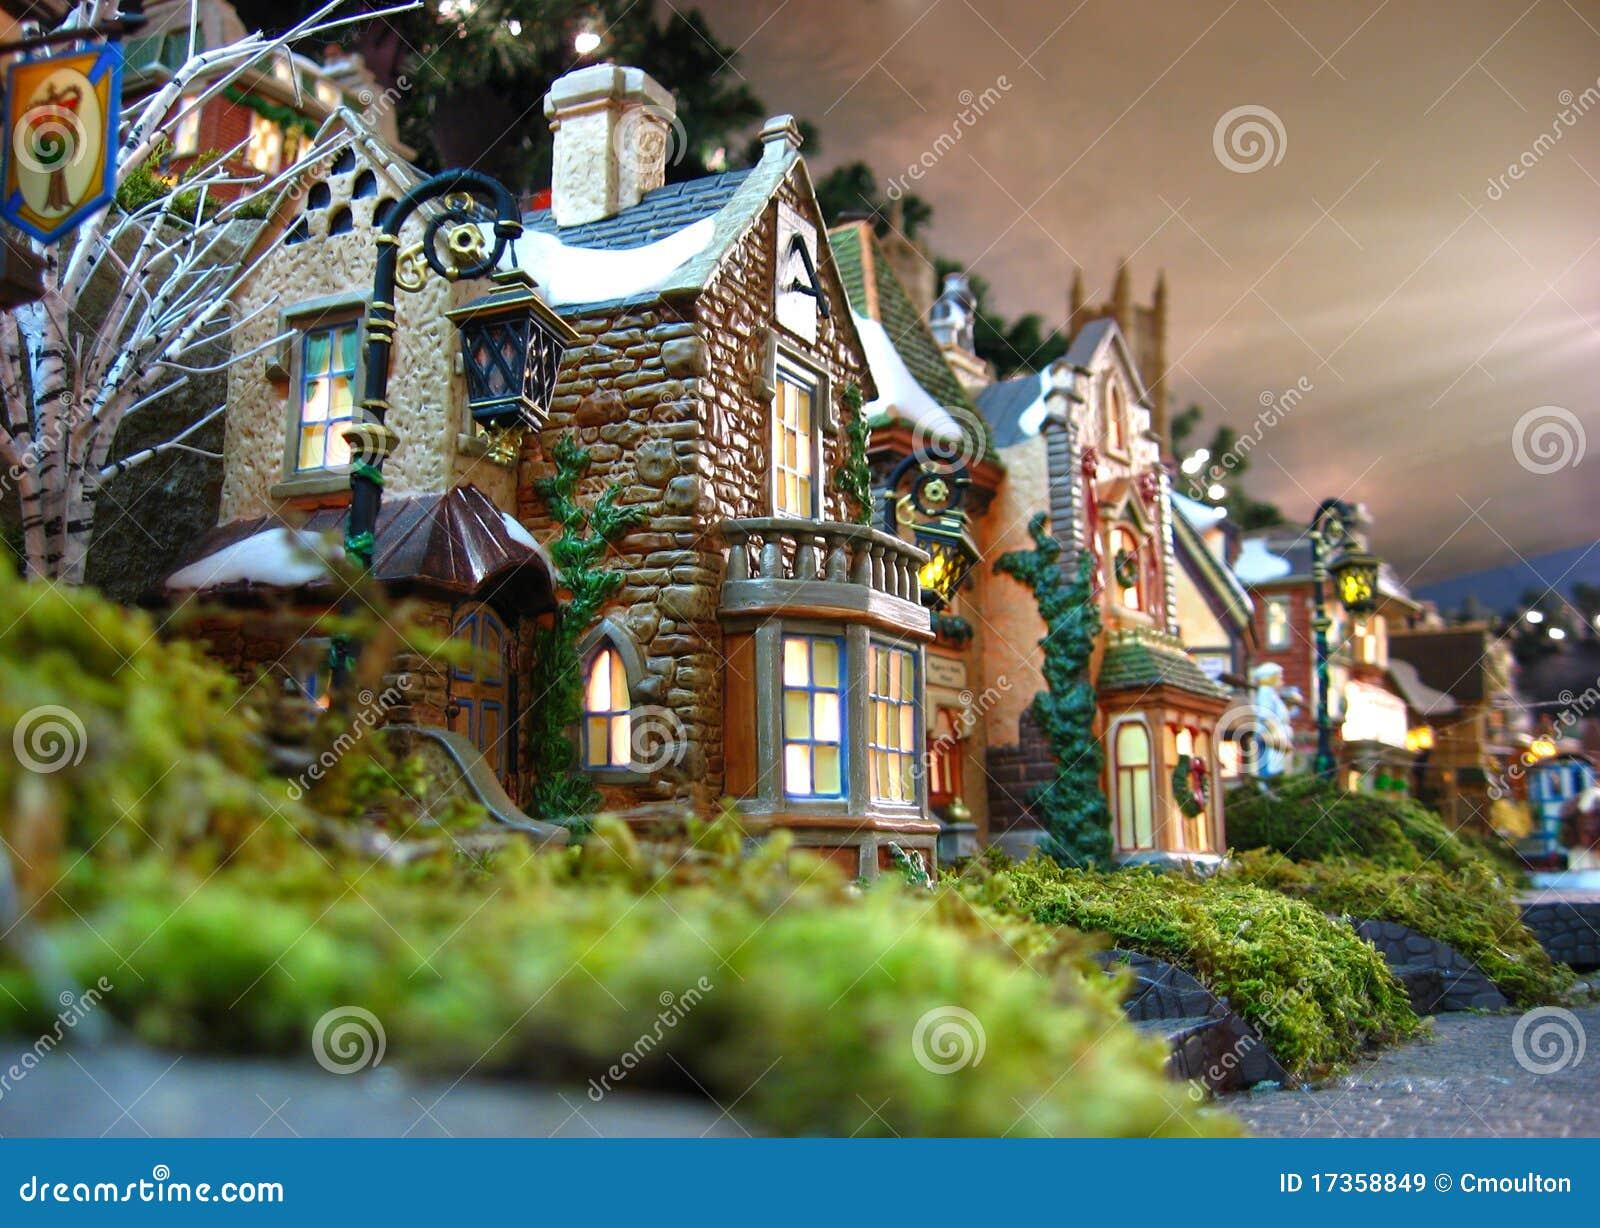 d coration de village de no l image stock image du figurine c l brez 17358849. Black Bedroom Furniture Sets. Home Design Ideas